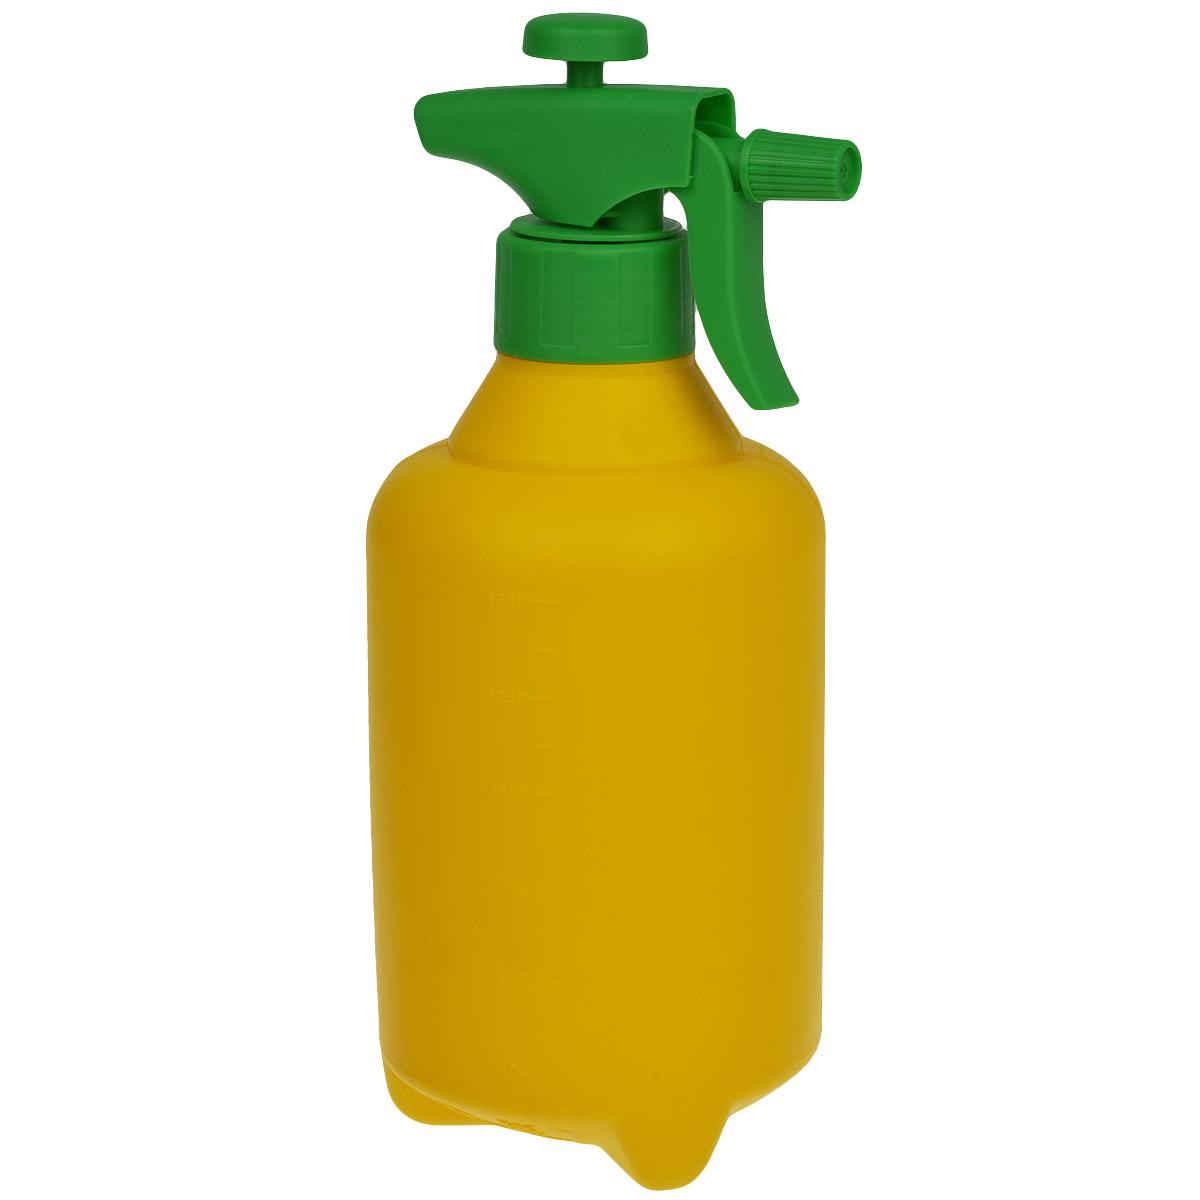 Опрыскиватель помповый Альтернатива, цвет: желтый, зеленый, 1,5 л опрыскиватель жук оп 207 отзывы